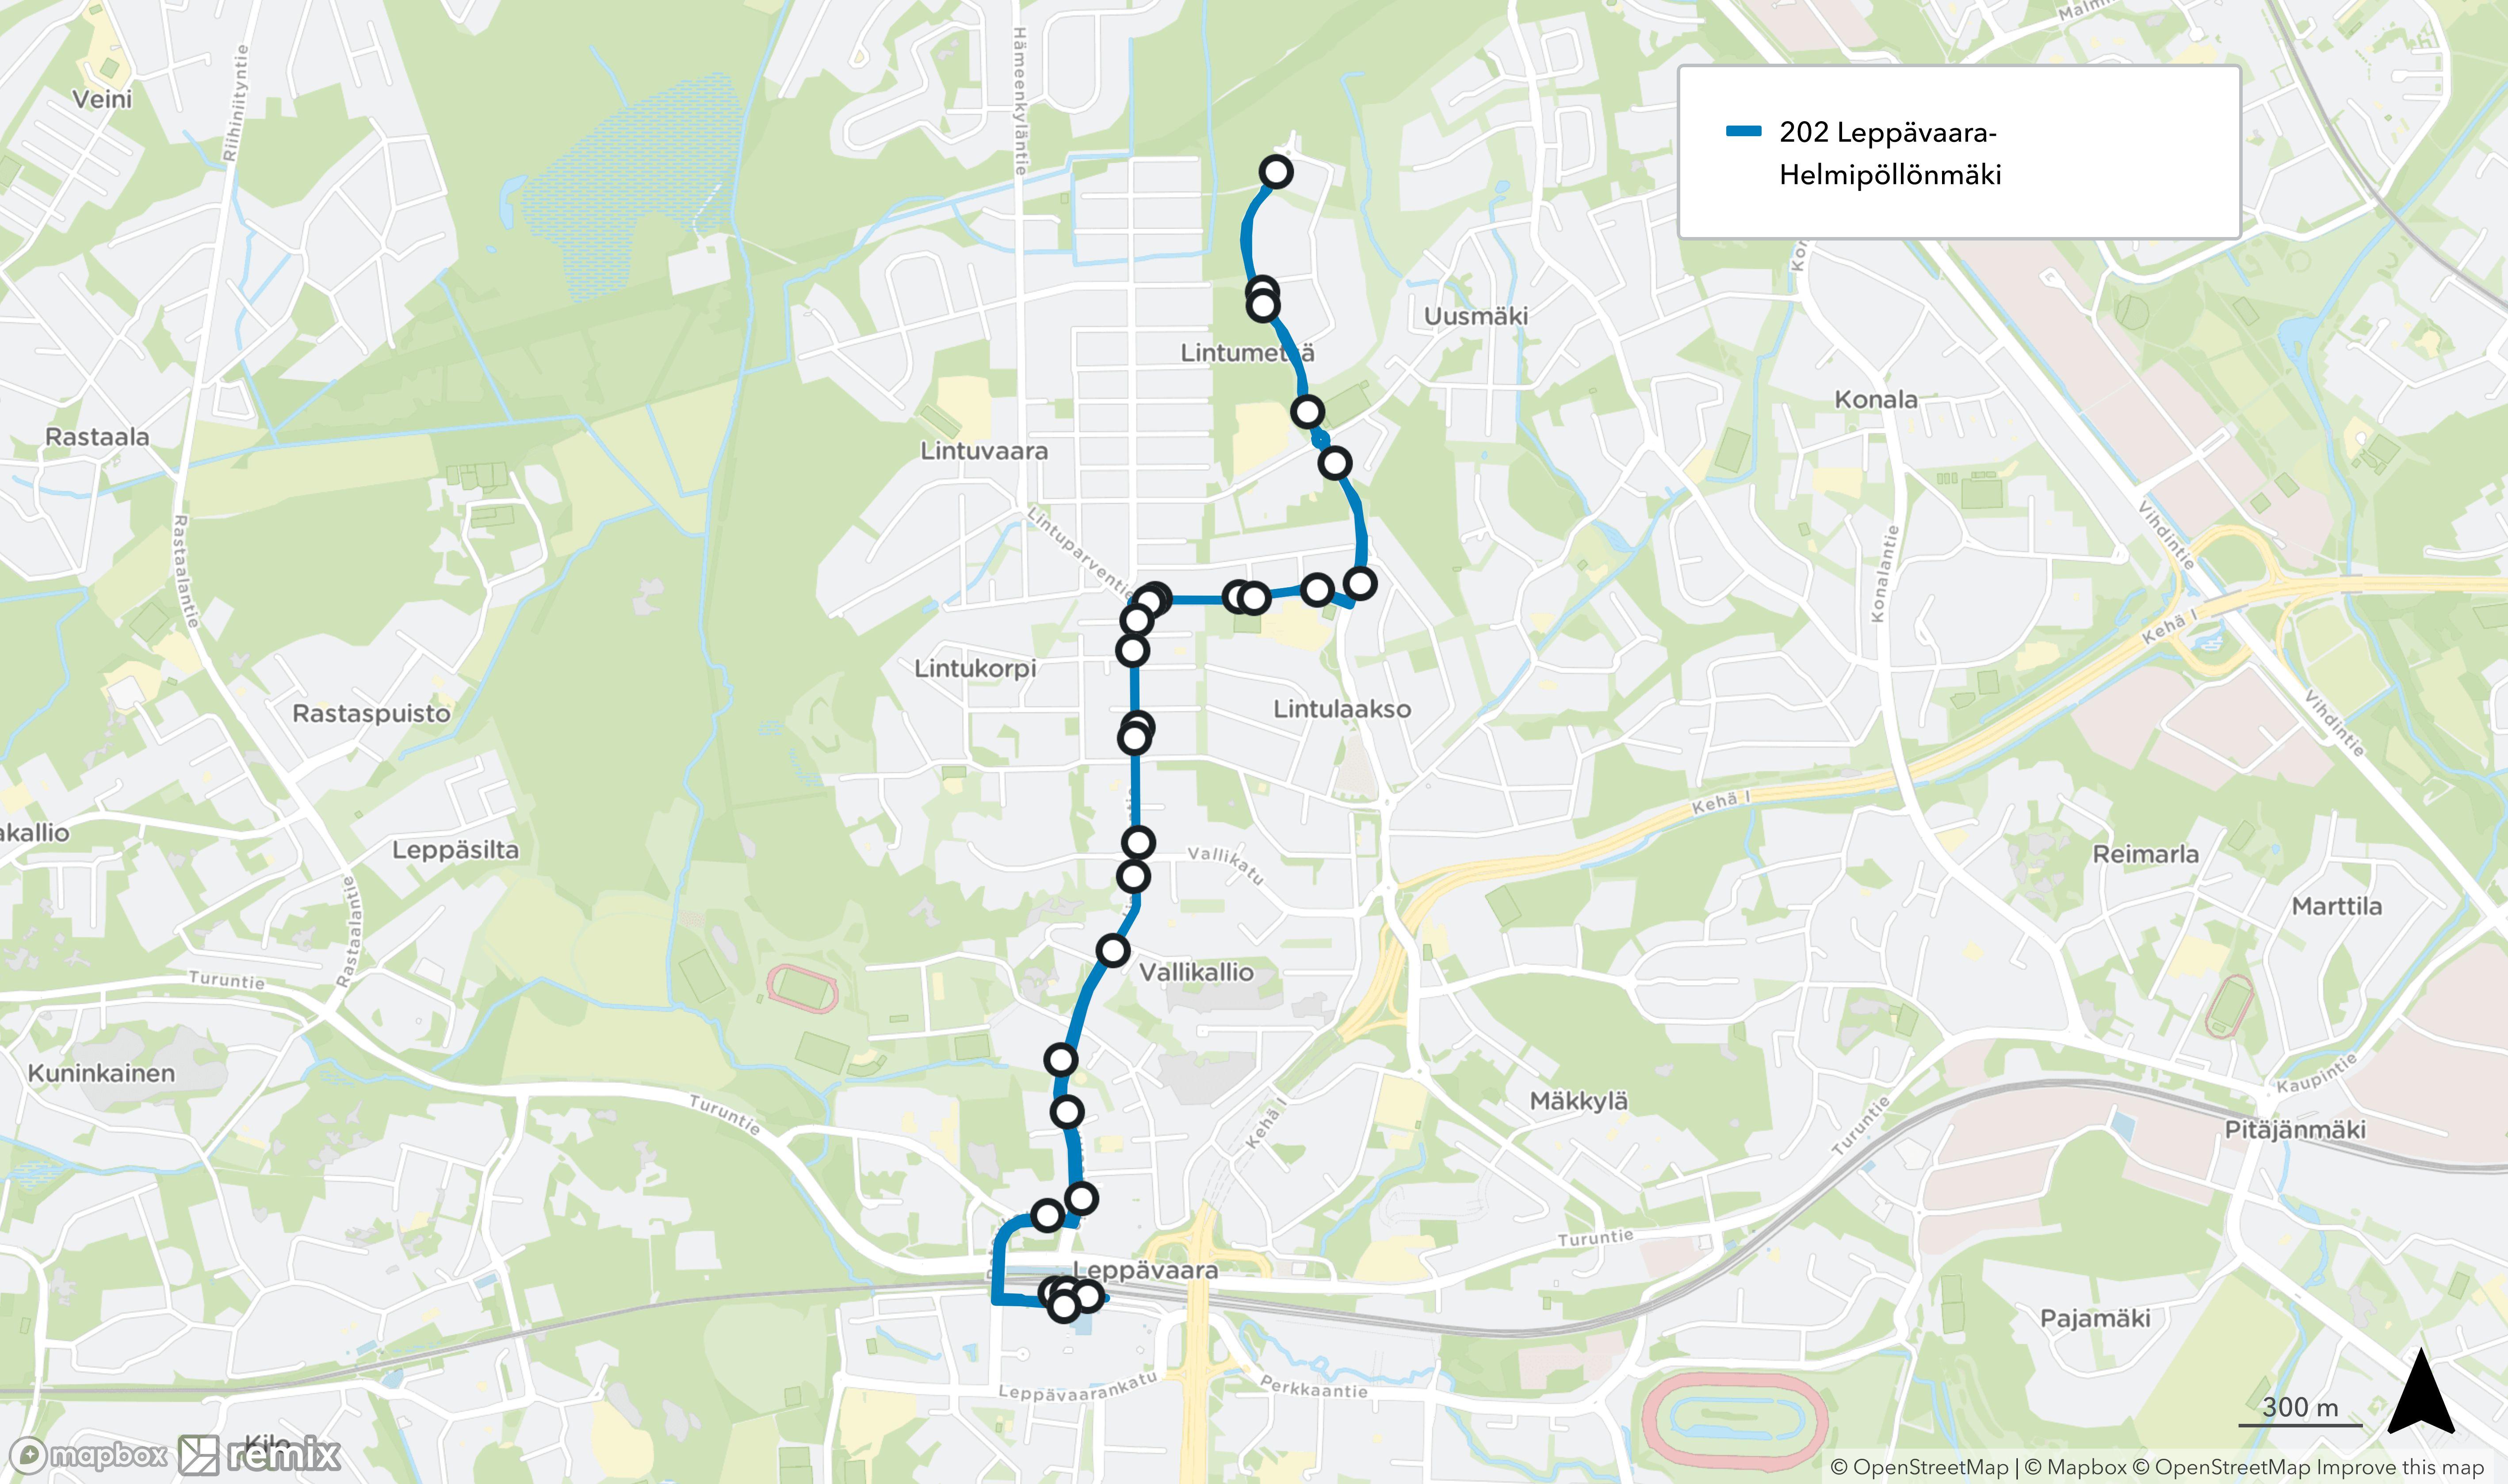 Linjan 202 reitti lyhenee välille Leppävaaran asema - Helmipöllönmäki.